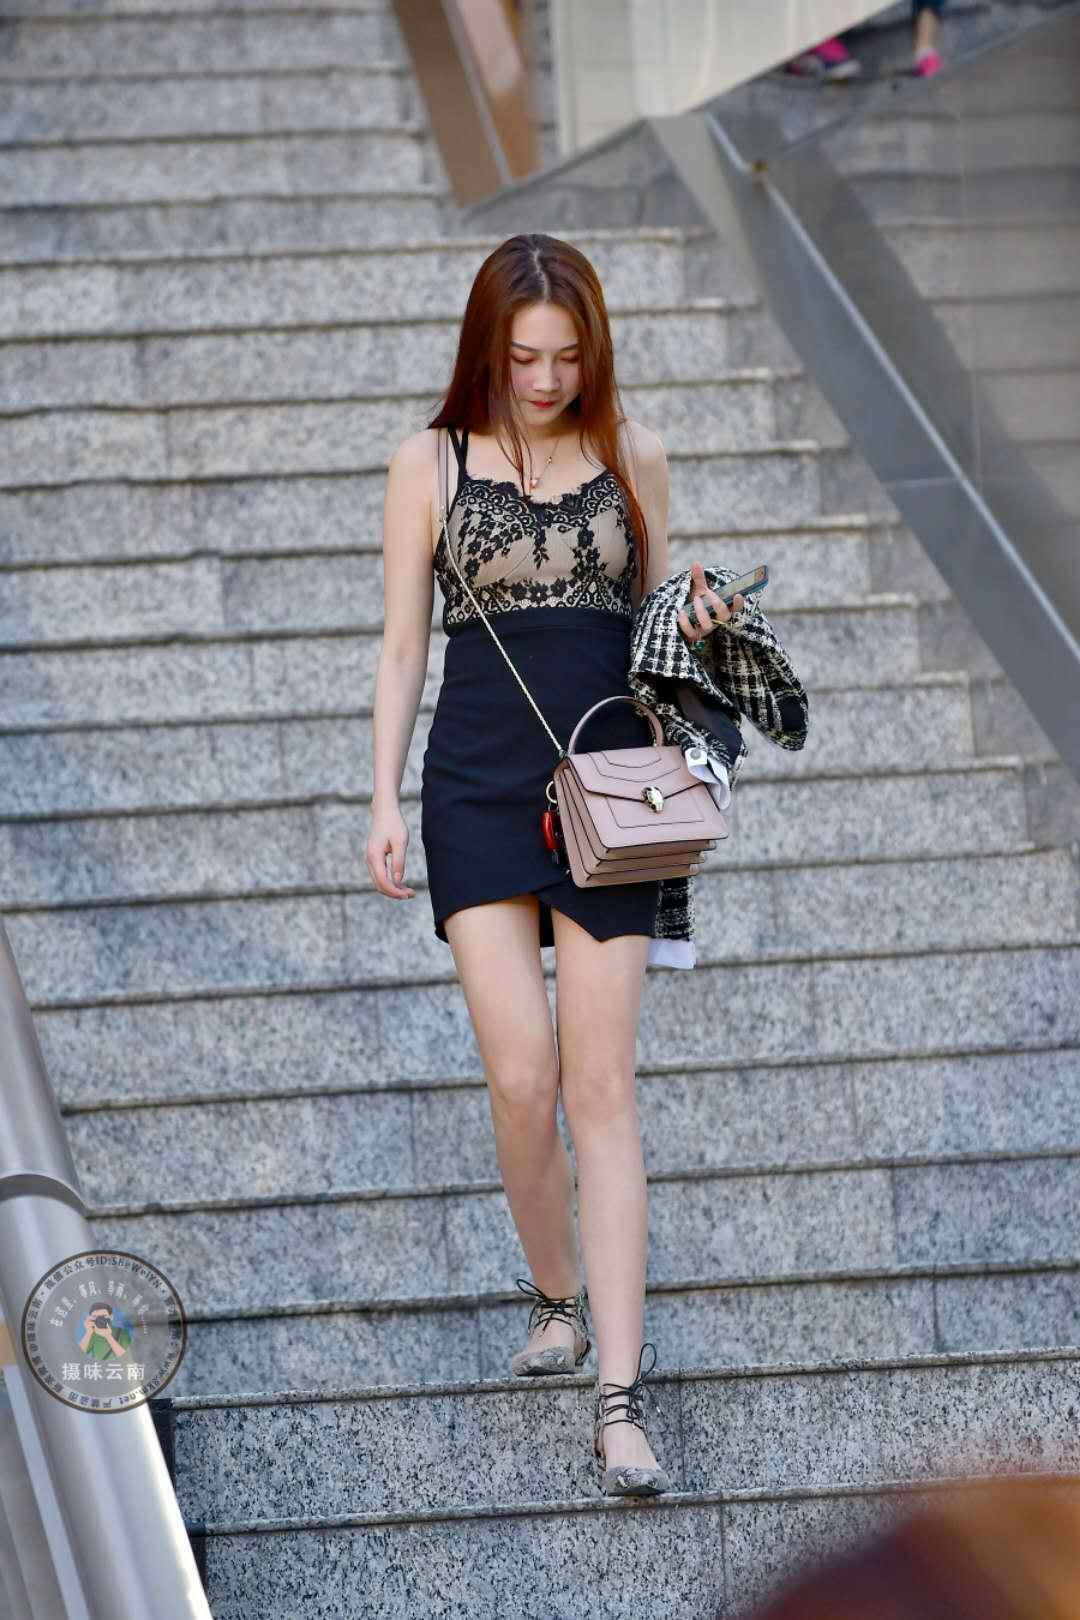 冬季黑色包臀裙搭配_街拍:美女黑色紧身裙搭配吊带上衣,蕾丝穿搭清凉一夏